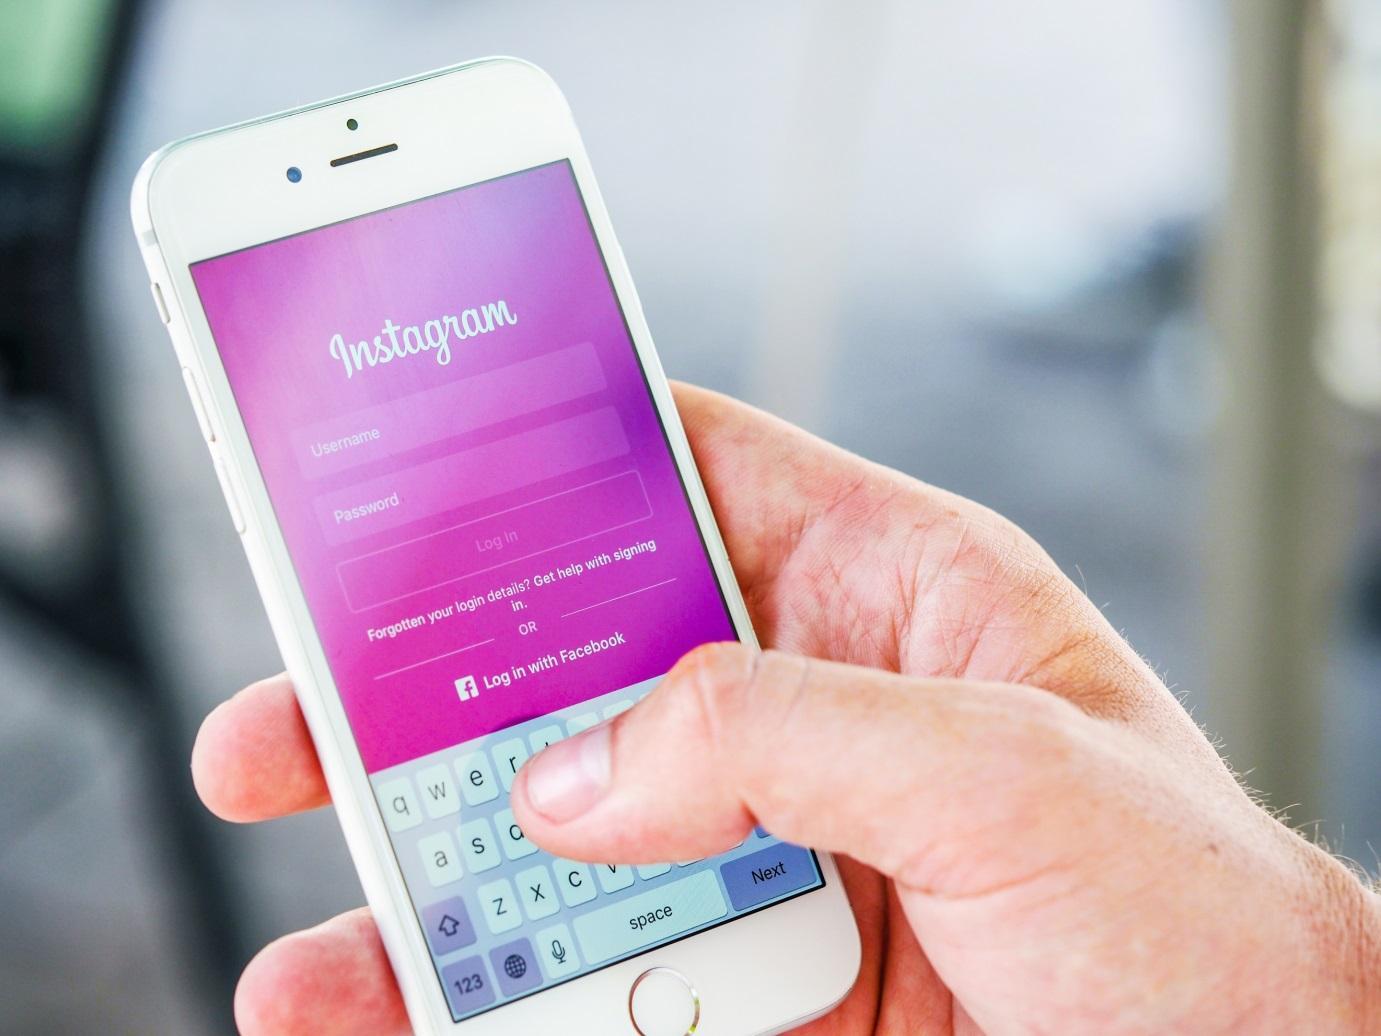 Aantal musthave apps voor de iPhone